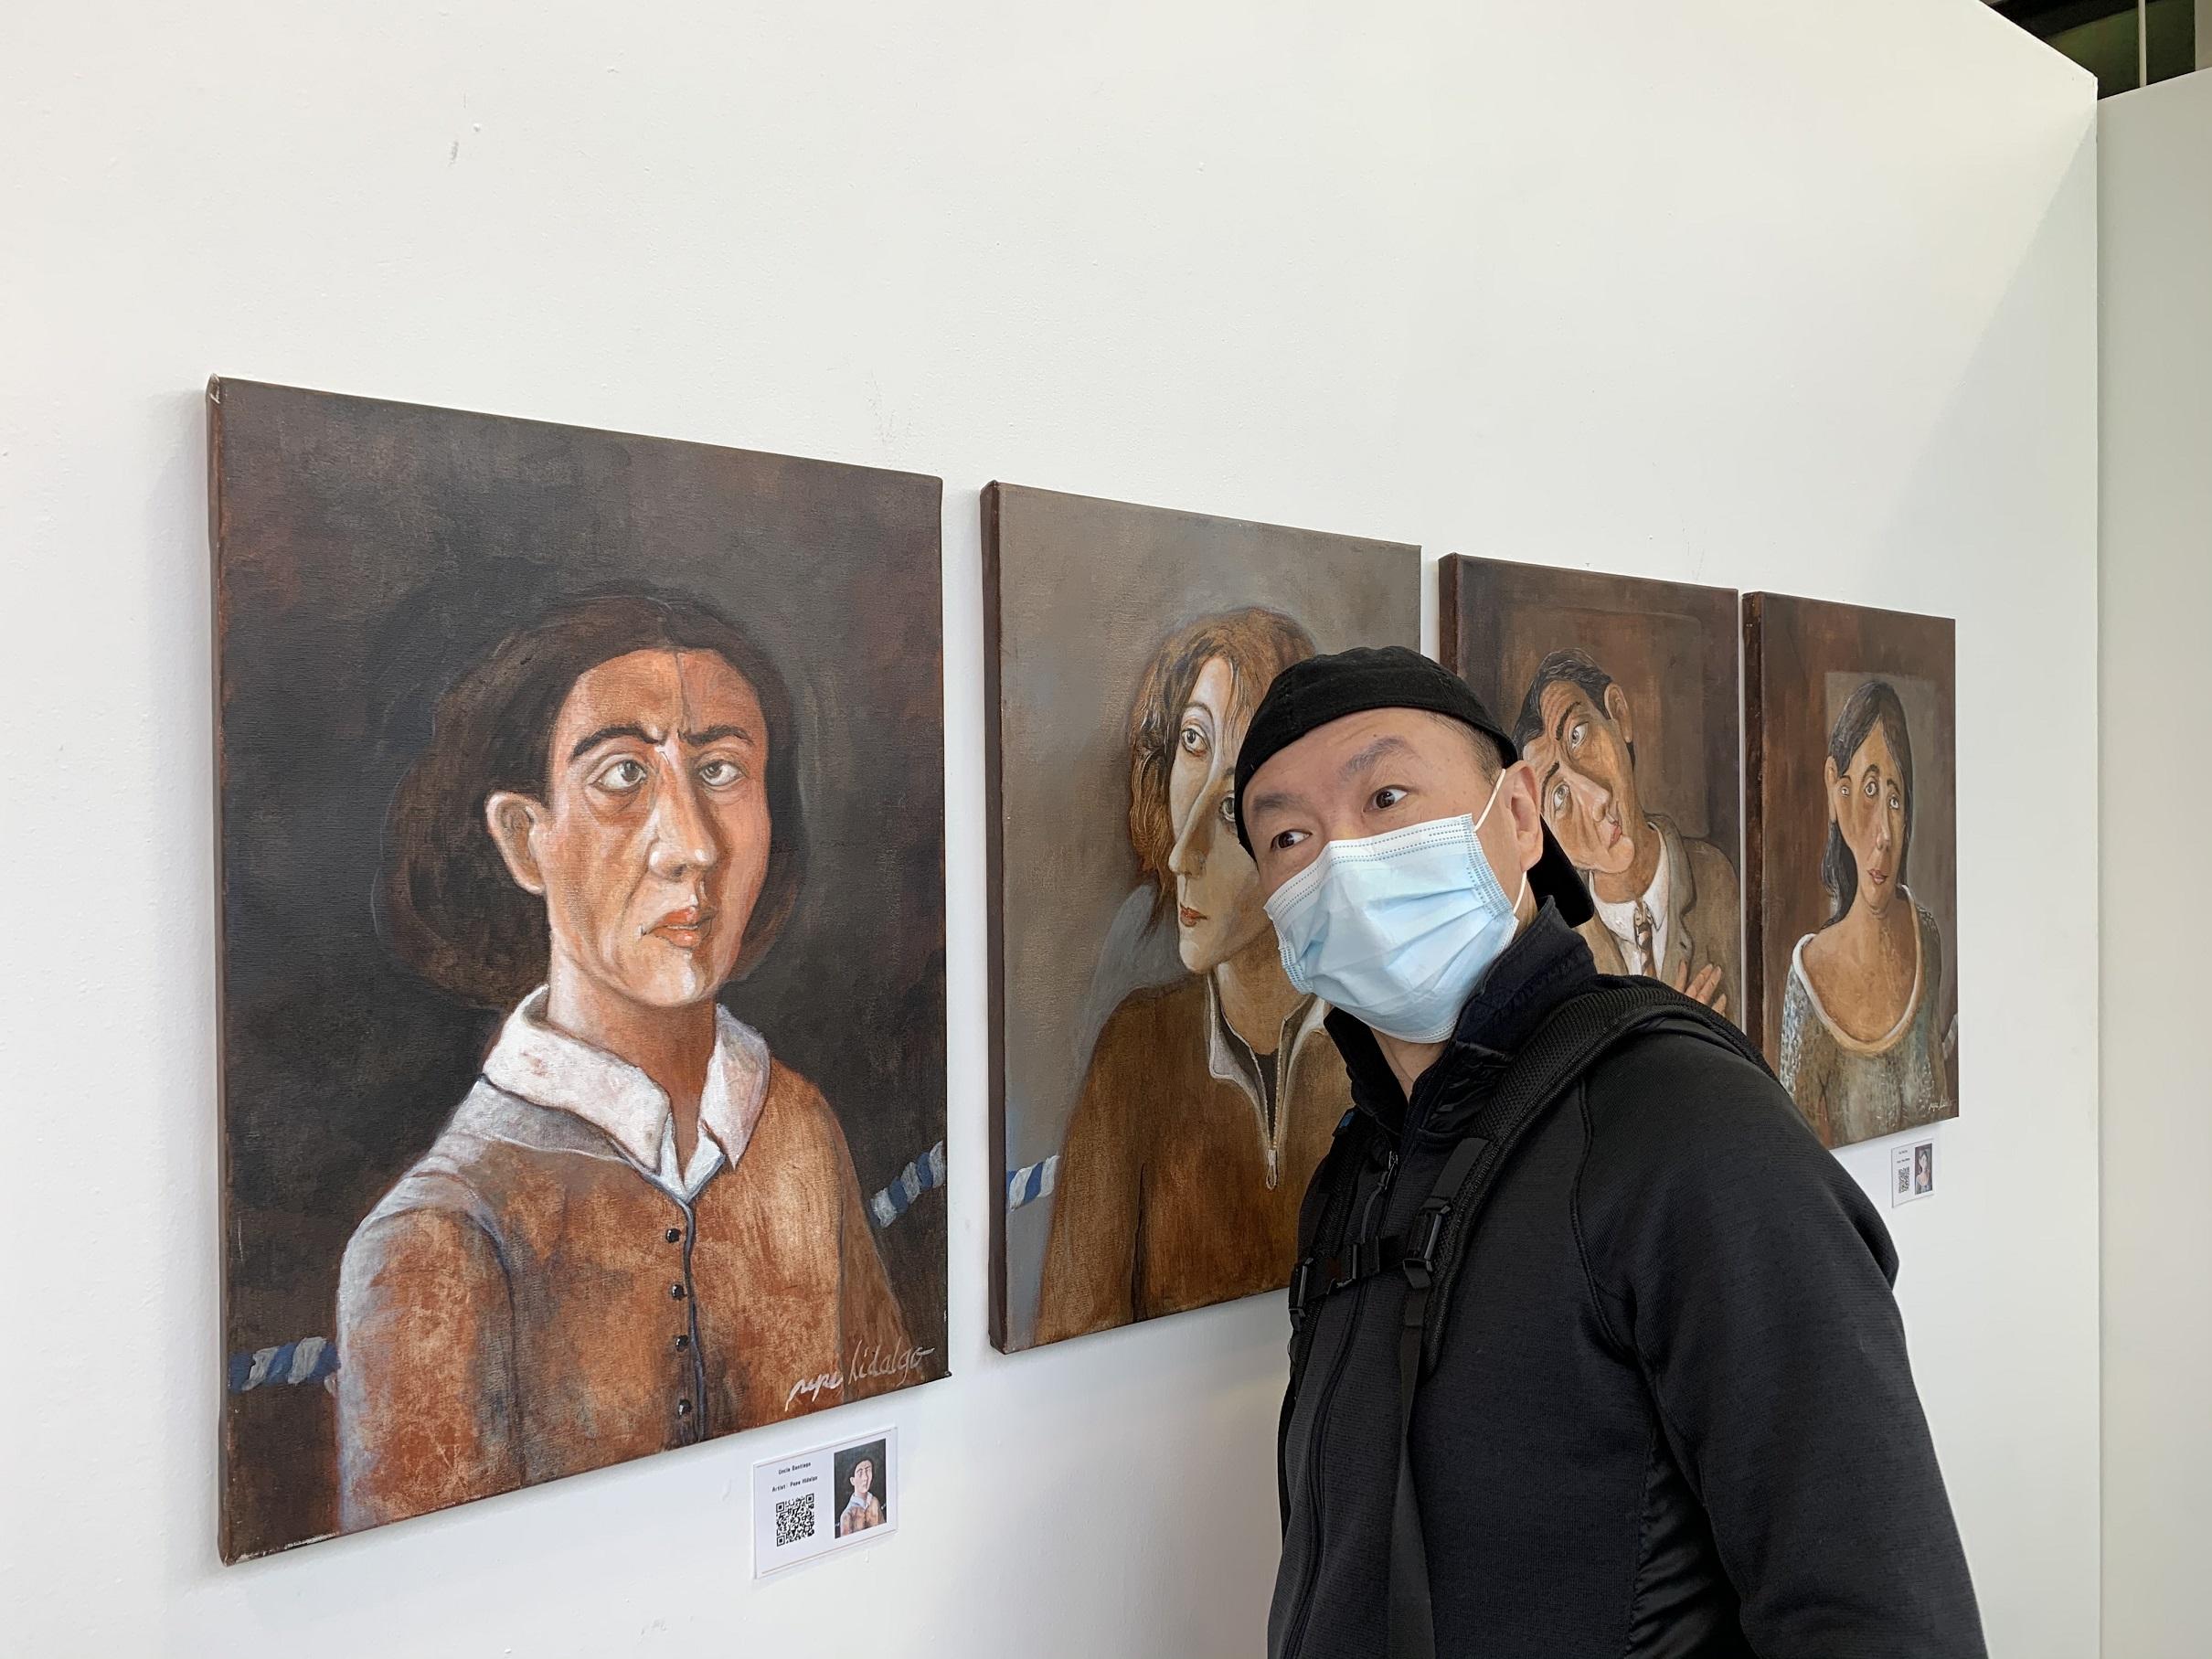 【個展】魂の故郷-郭燕とPEPE HIDALGOの対話-LIPONTギャラリー-バンクーバー-カナダ